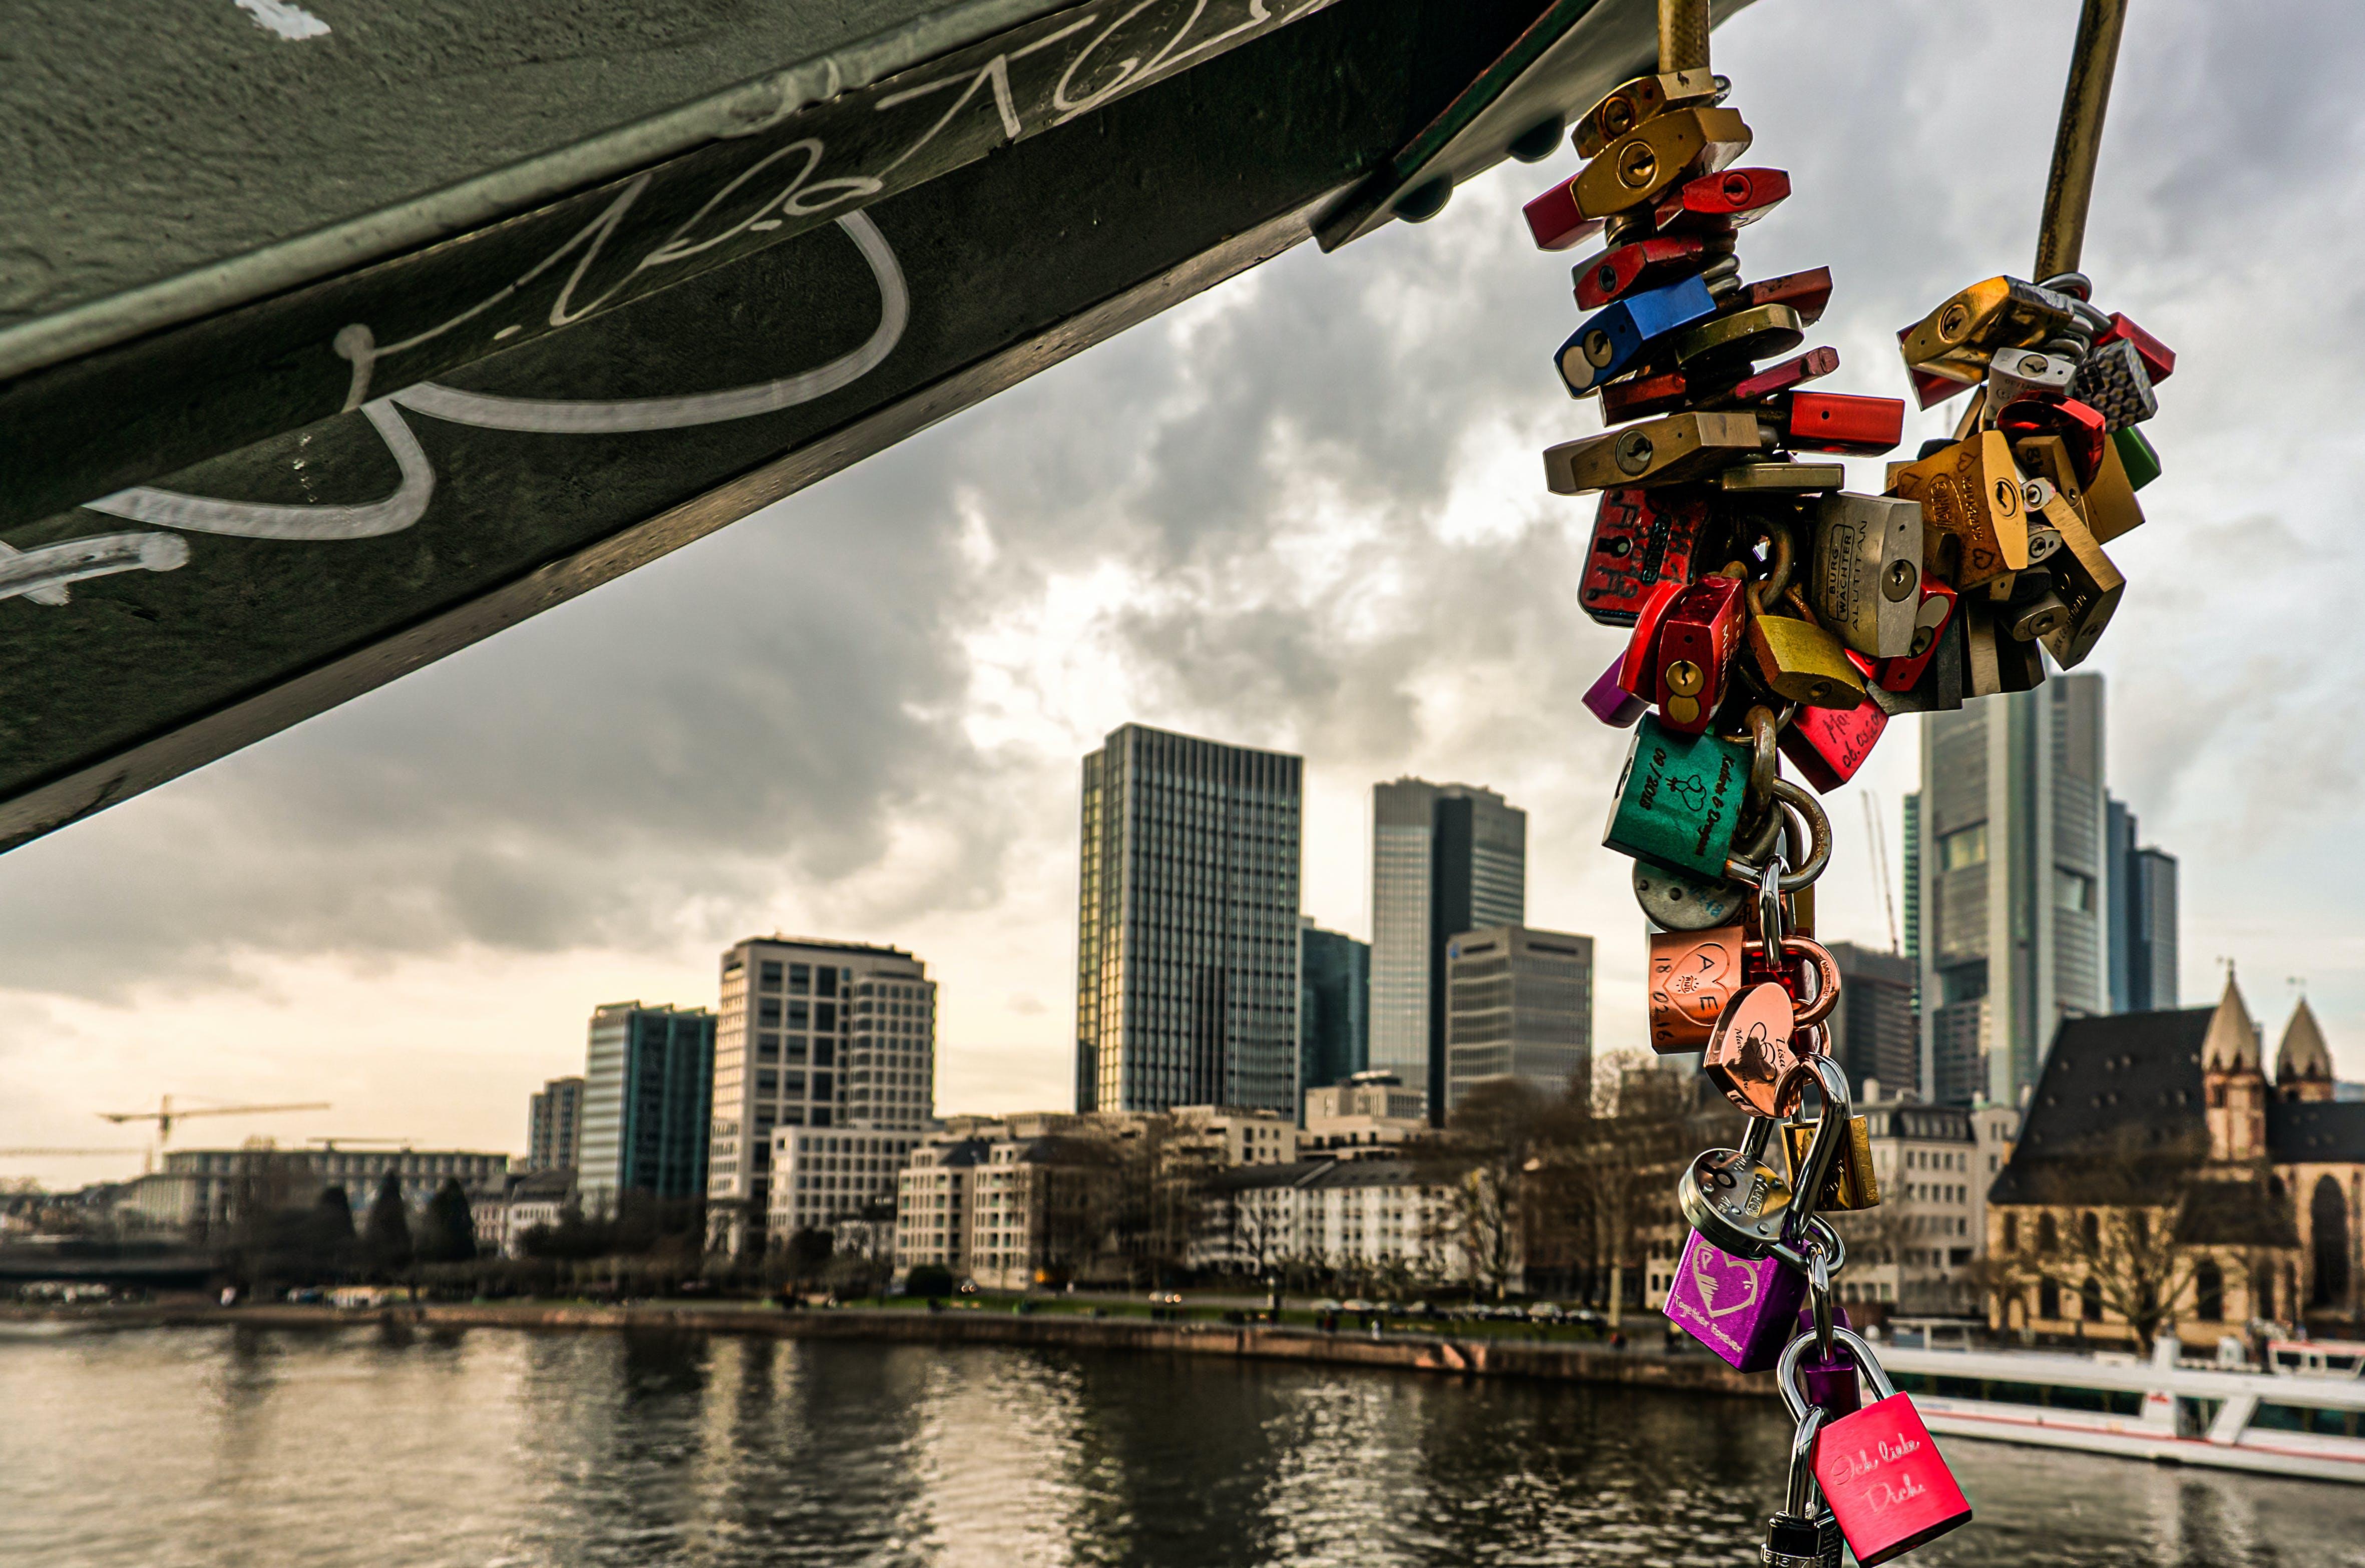 Δωρεάν στοκ φωτογραφιών με αγάπη, αστική σκηνή, αστικό στυλ, αστικό τοπίο